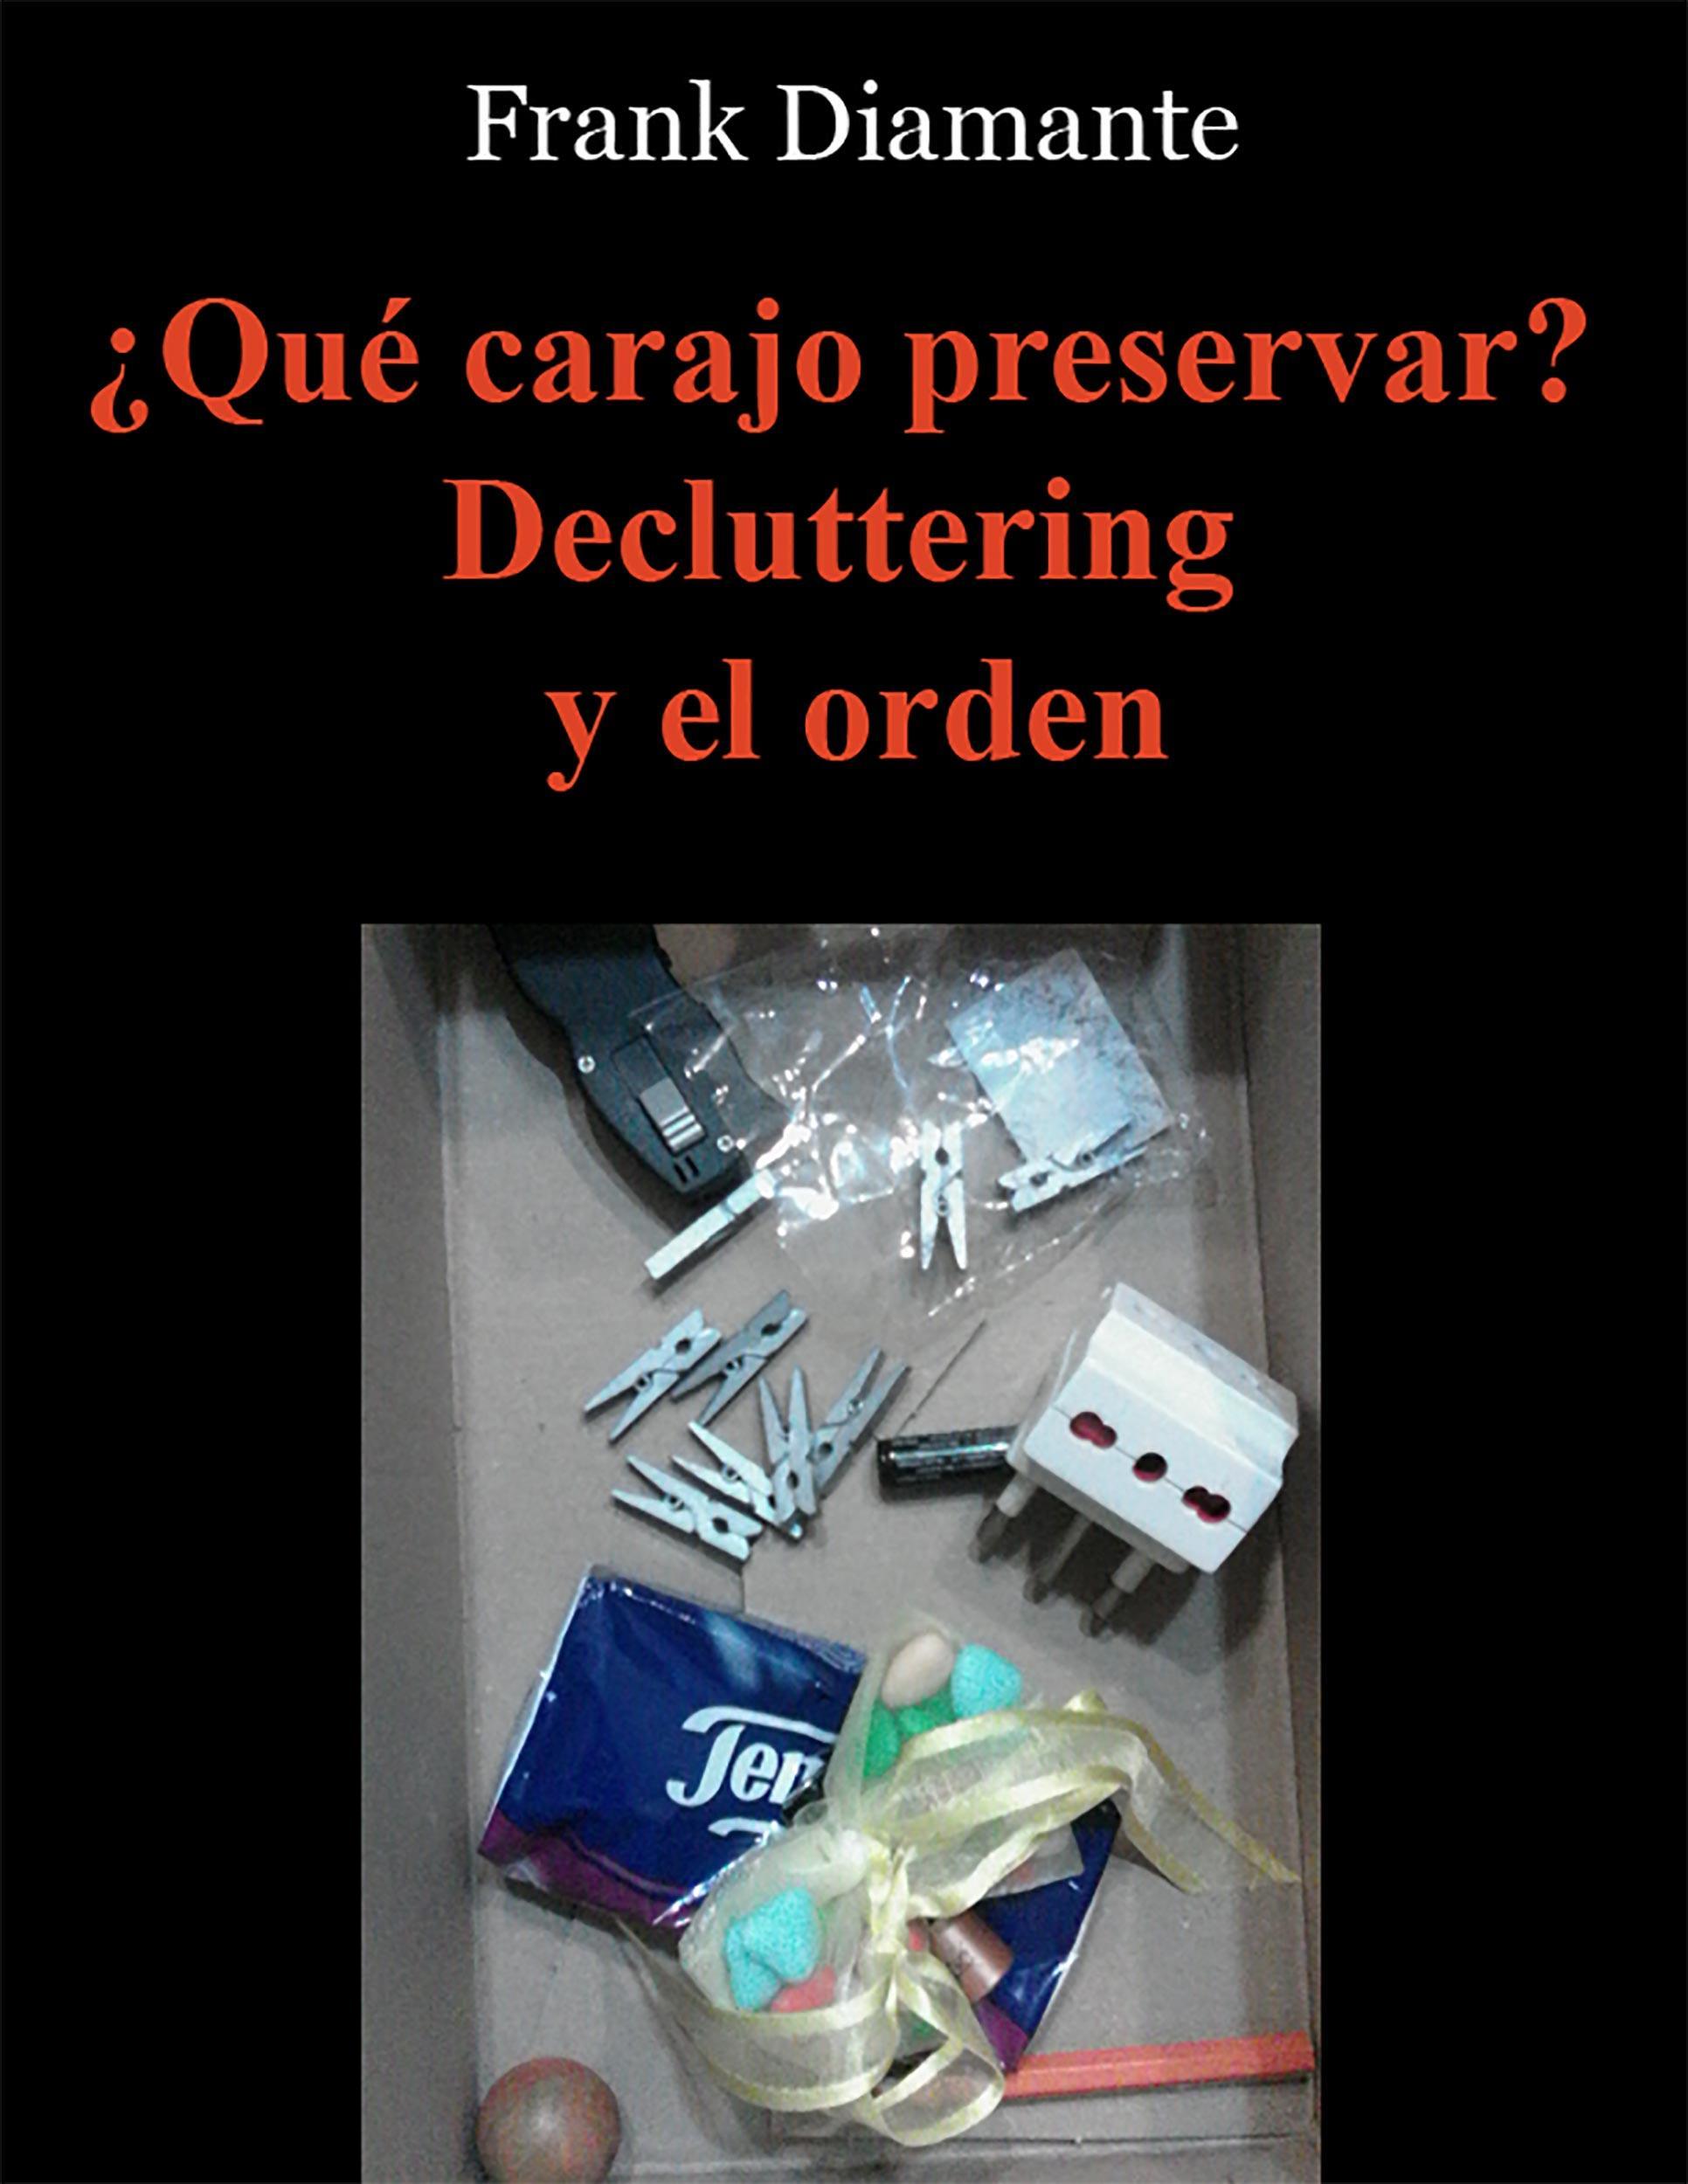 ¿Qué carajo preservar? Decluttering y el orden